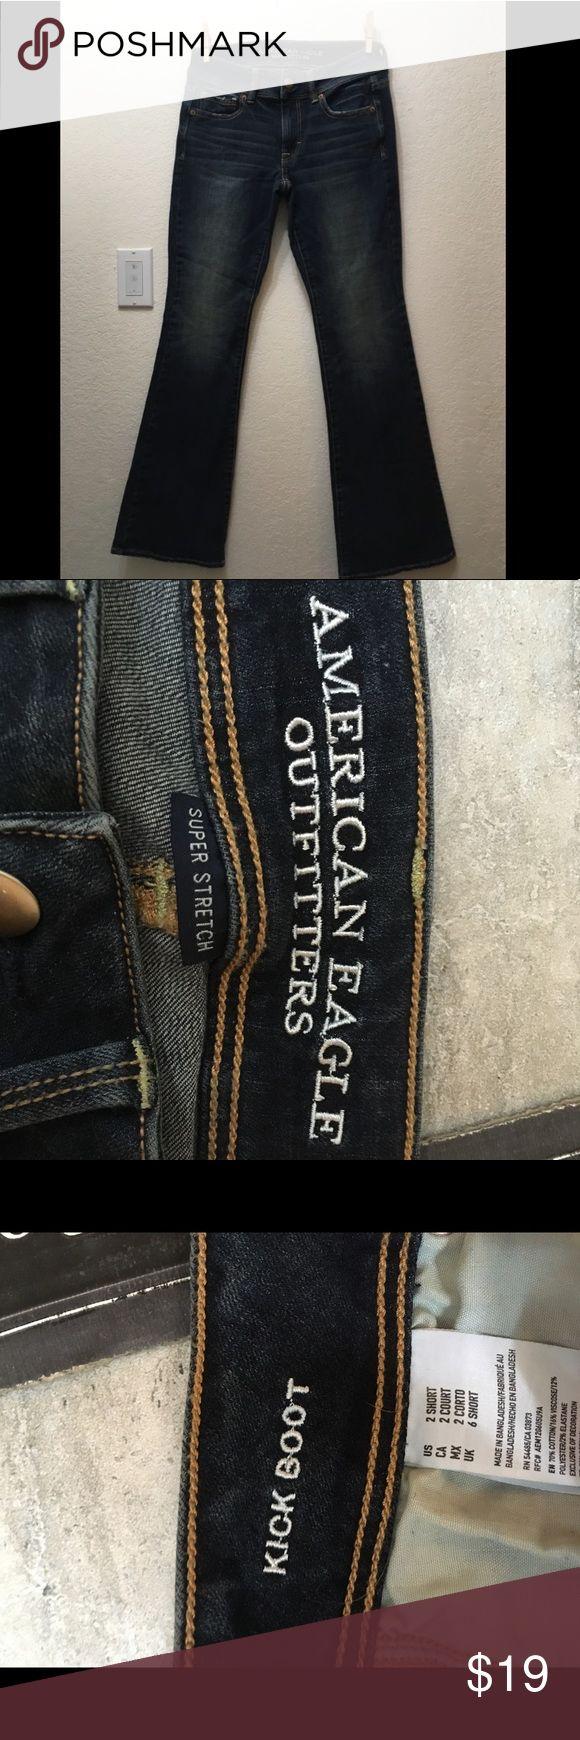 Boot cut women's dark wash jean Size 2 short women's dark wash NEVER WORN ;)) jeans Jeans Boot Cut